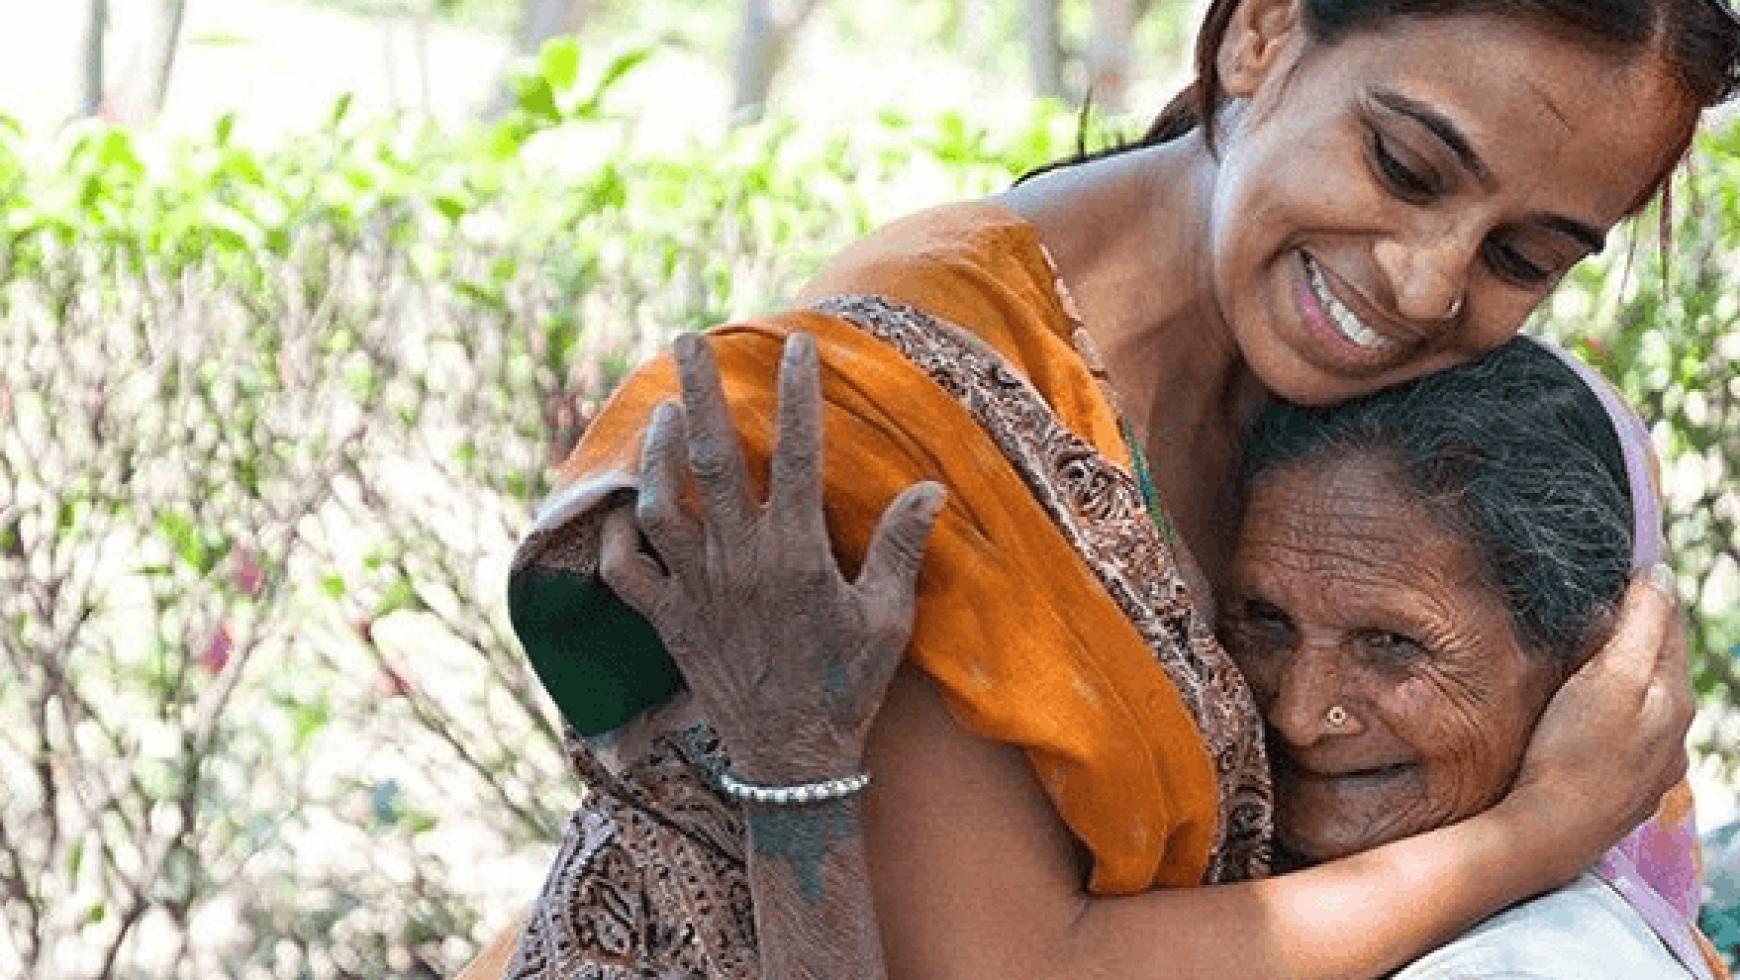 ORGANIC INDIA: cum un vis se poate transforma intr-o miscare globala